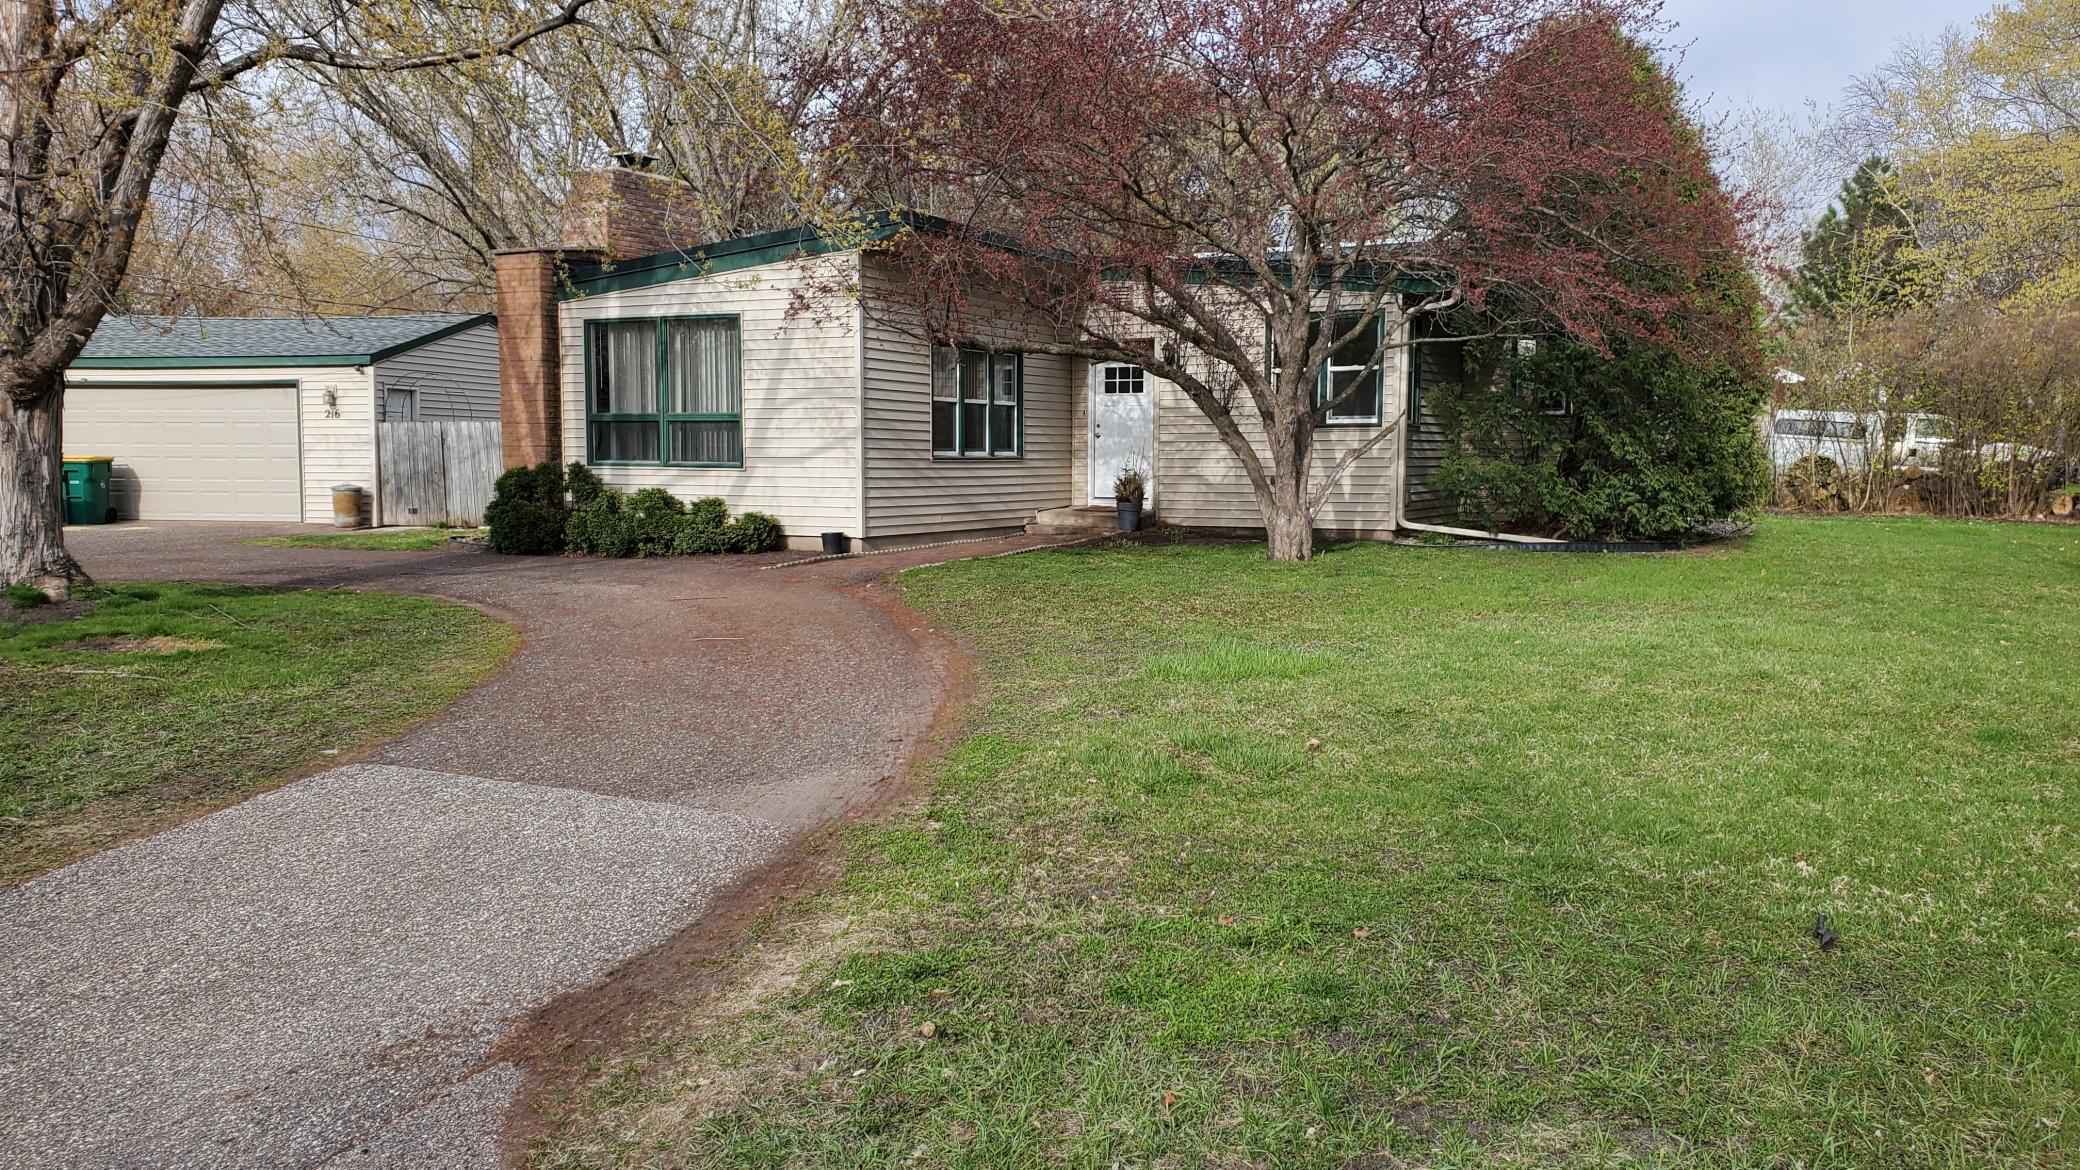 216 Charles Street, Long Lake MN 55356 - Photo 1